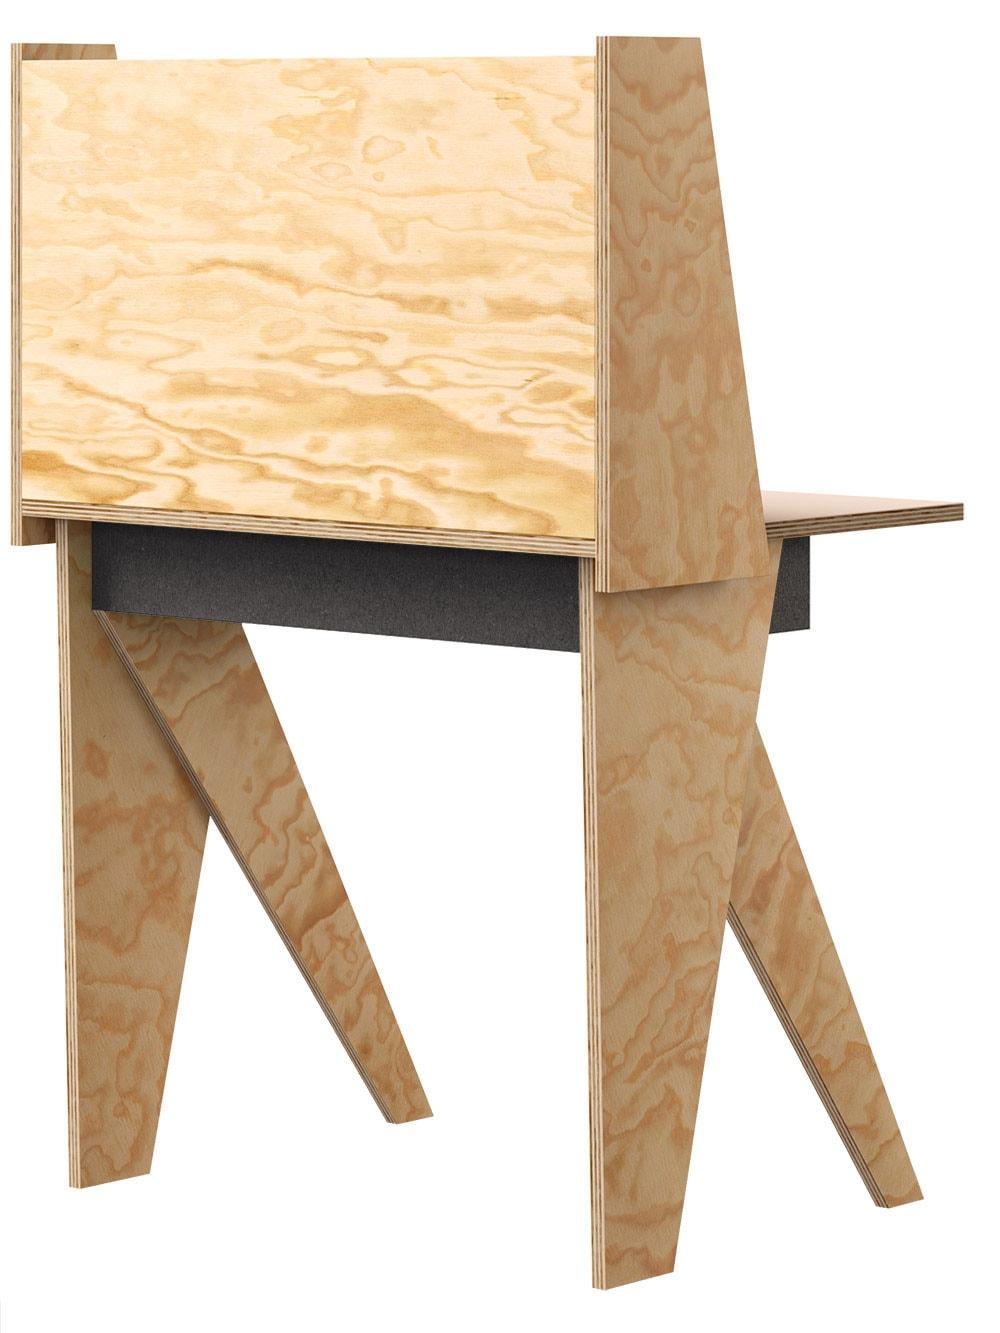 muesiemue Home Schooling Tisch von Tonia Welter, Tisch und Raumteiler elegant und kompakt vereint, in Seekiefer